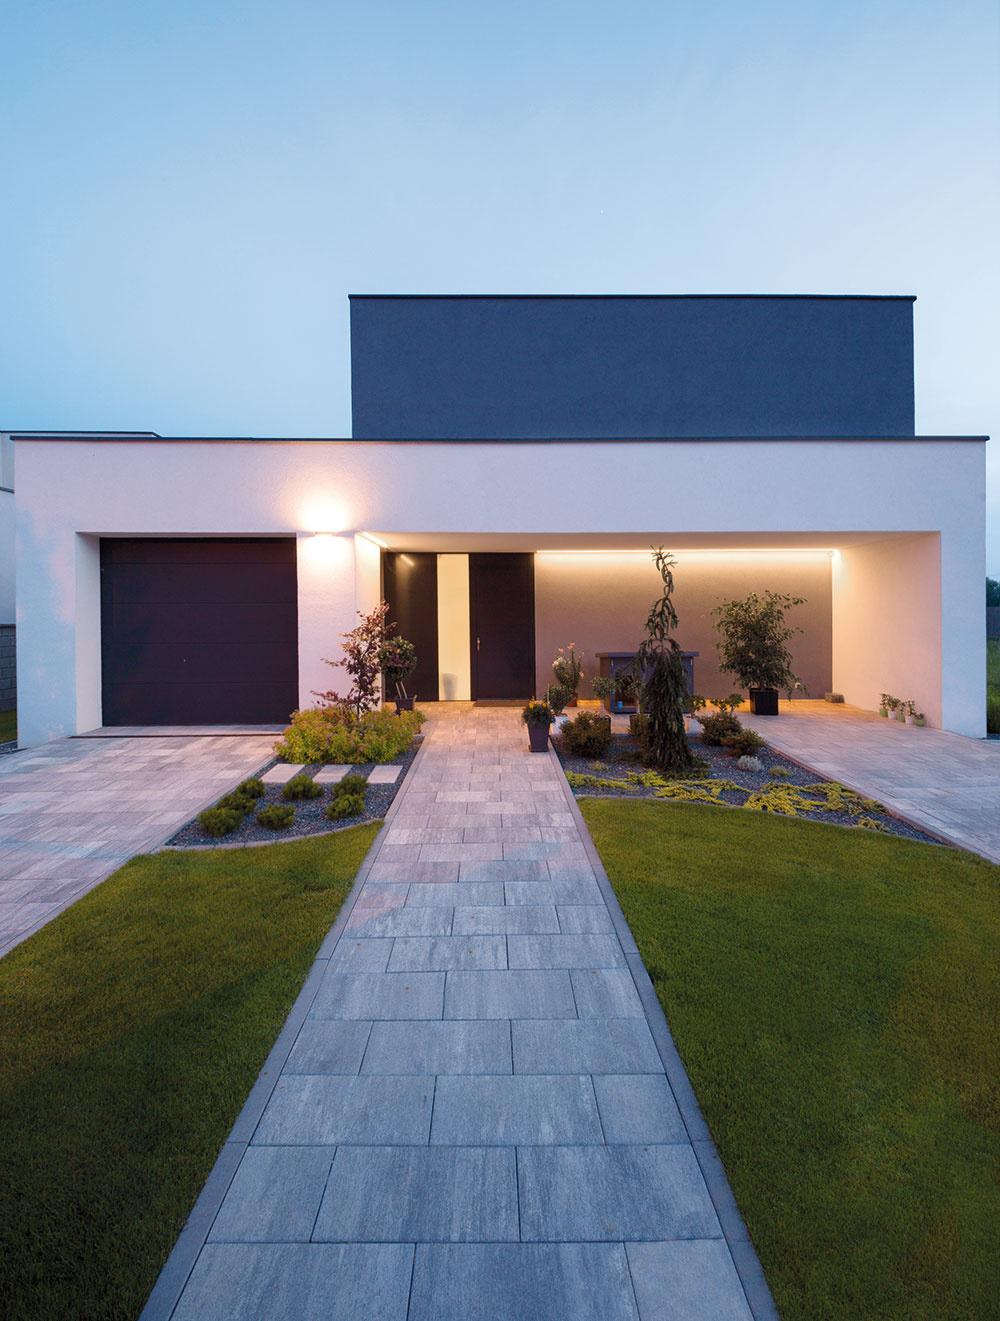 Smerom do ulice je orientovaný hlavný vstup do domu avjazd do garáže. Vstupnú časť tvorí priedomie, ktoré je zapustené do hmoty domu, čo ho chráni pred nepriazňou počasia. Tento priestor architekti ešte zdôraznili nasvietením línií zapustenej časti.